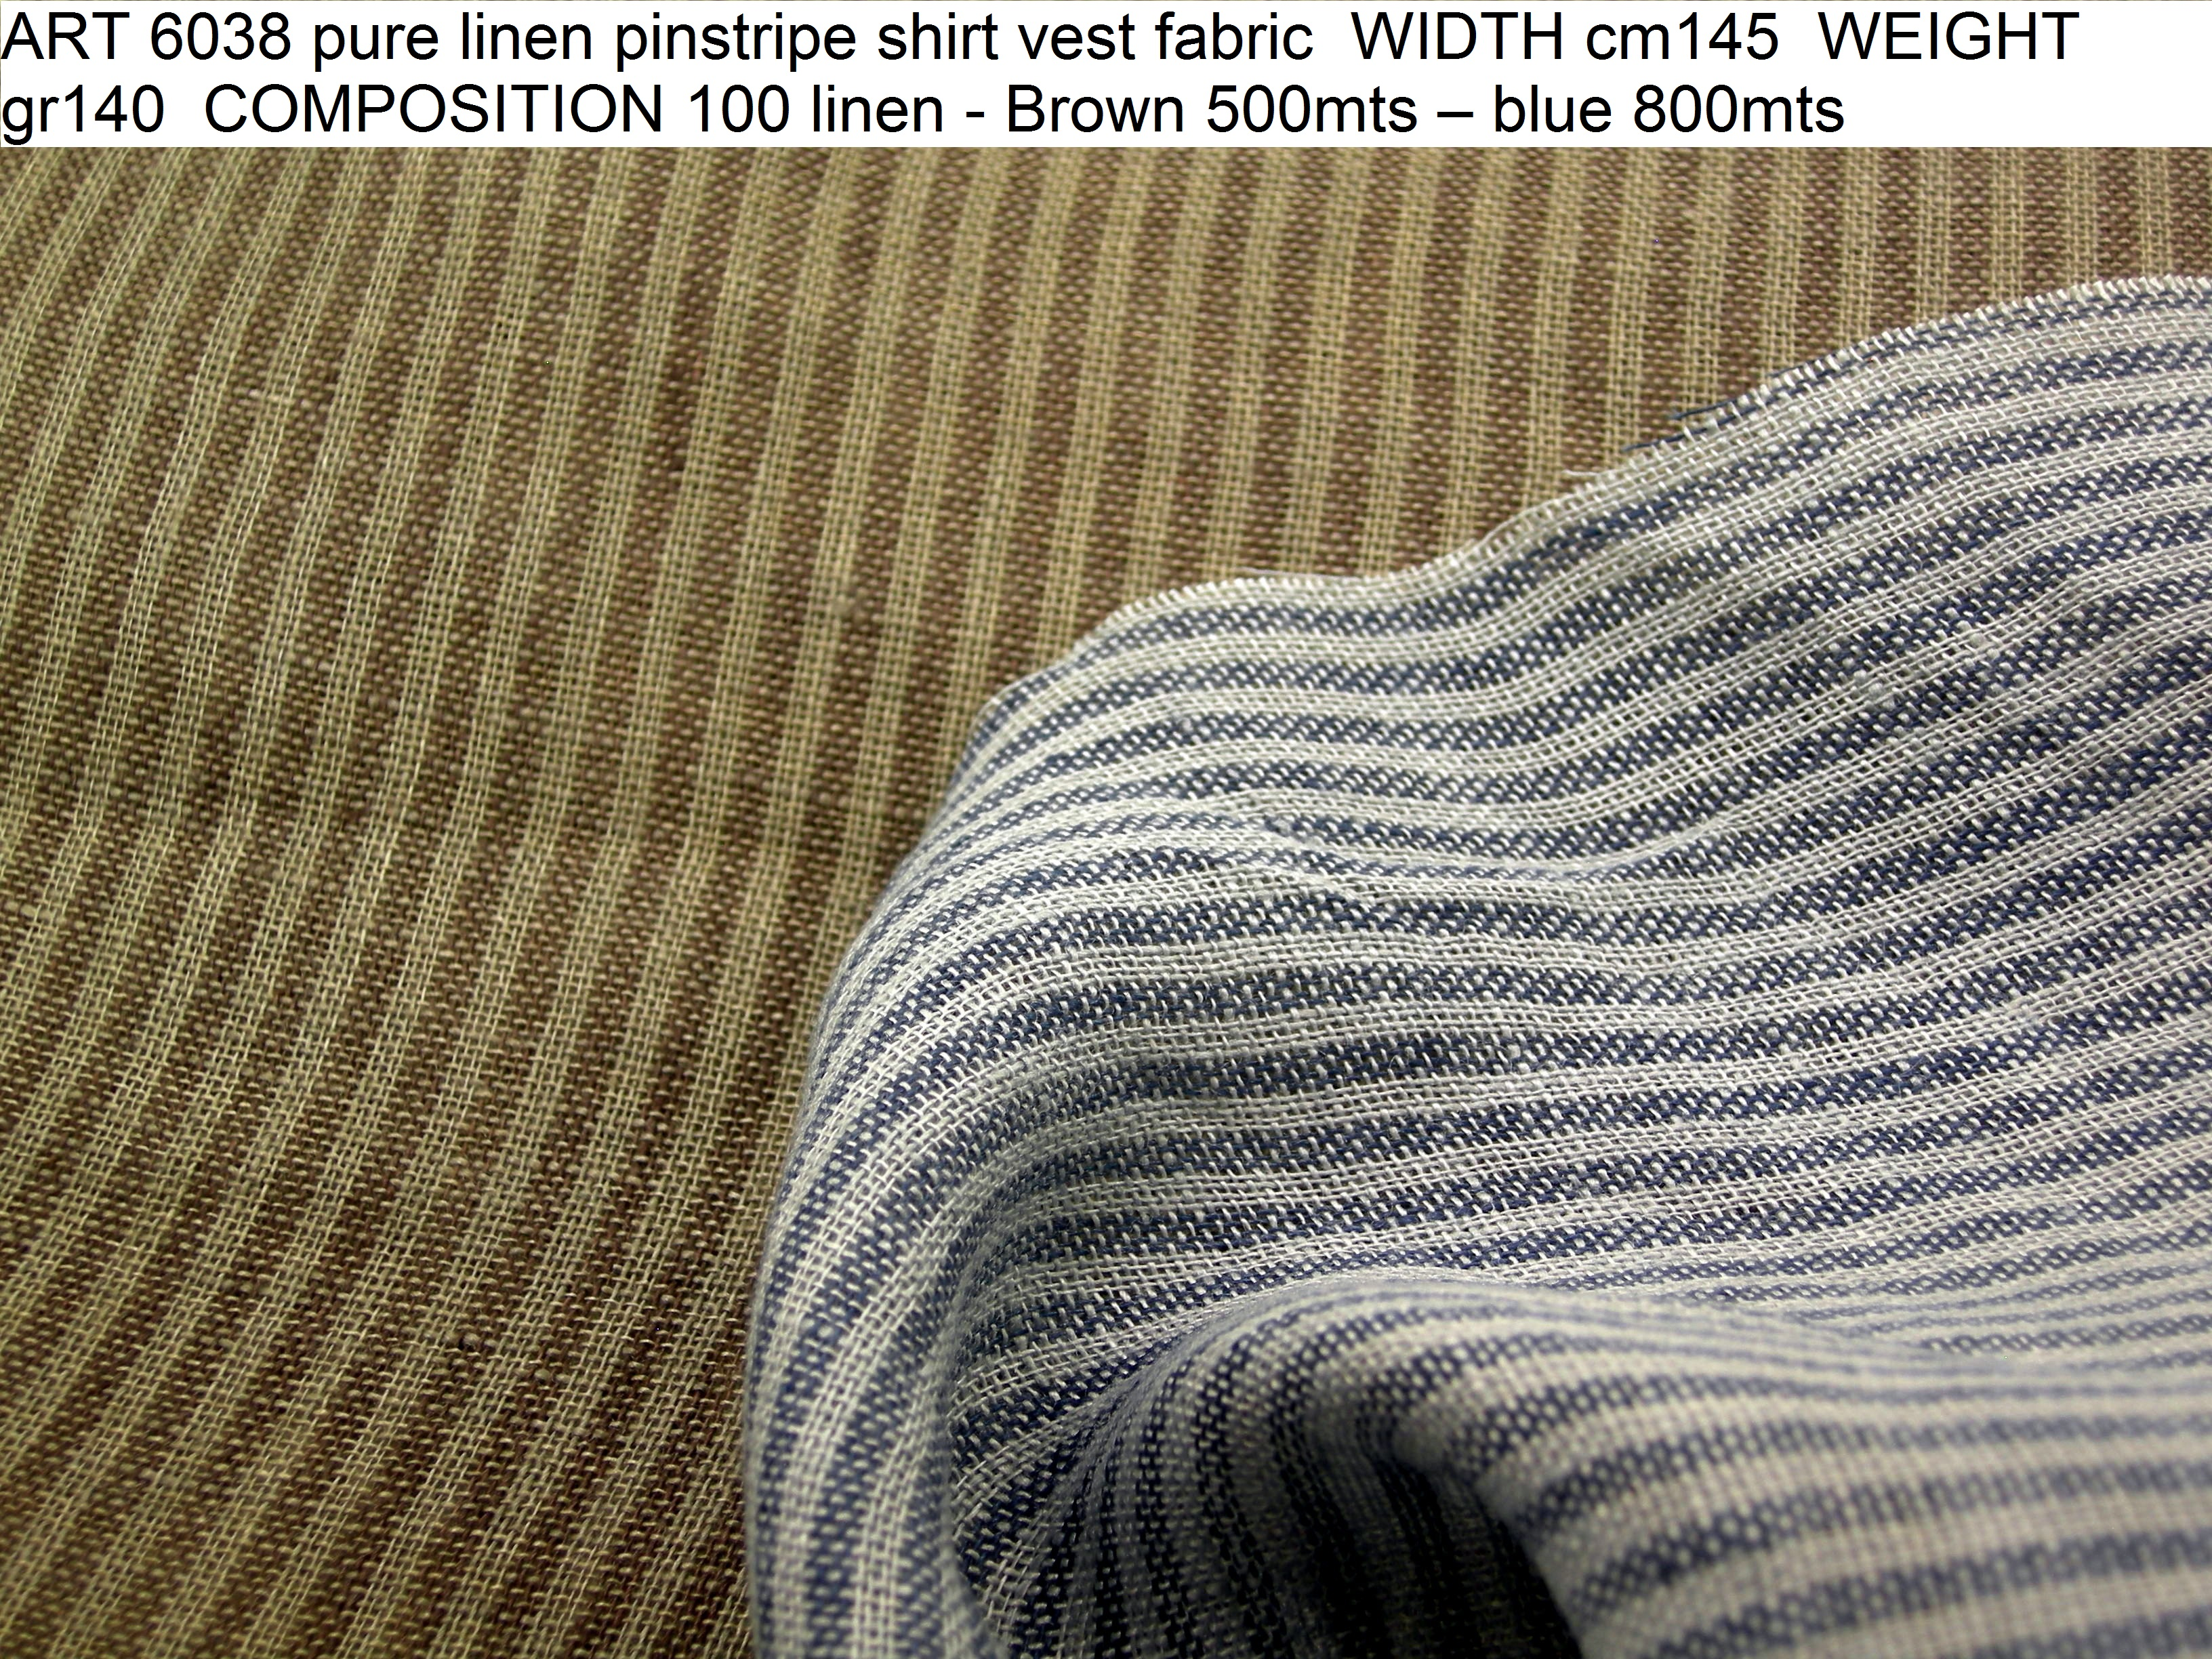 ART 6038 pure linen pinstripe shirt vest fabric WIDTH cm145 WEIGHT gr140 COMPOSITION 100 linen - Brown 500mts – blue 800mts